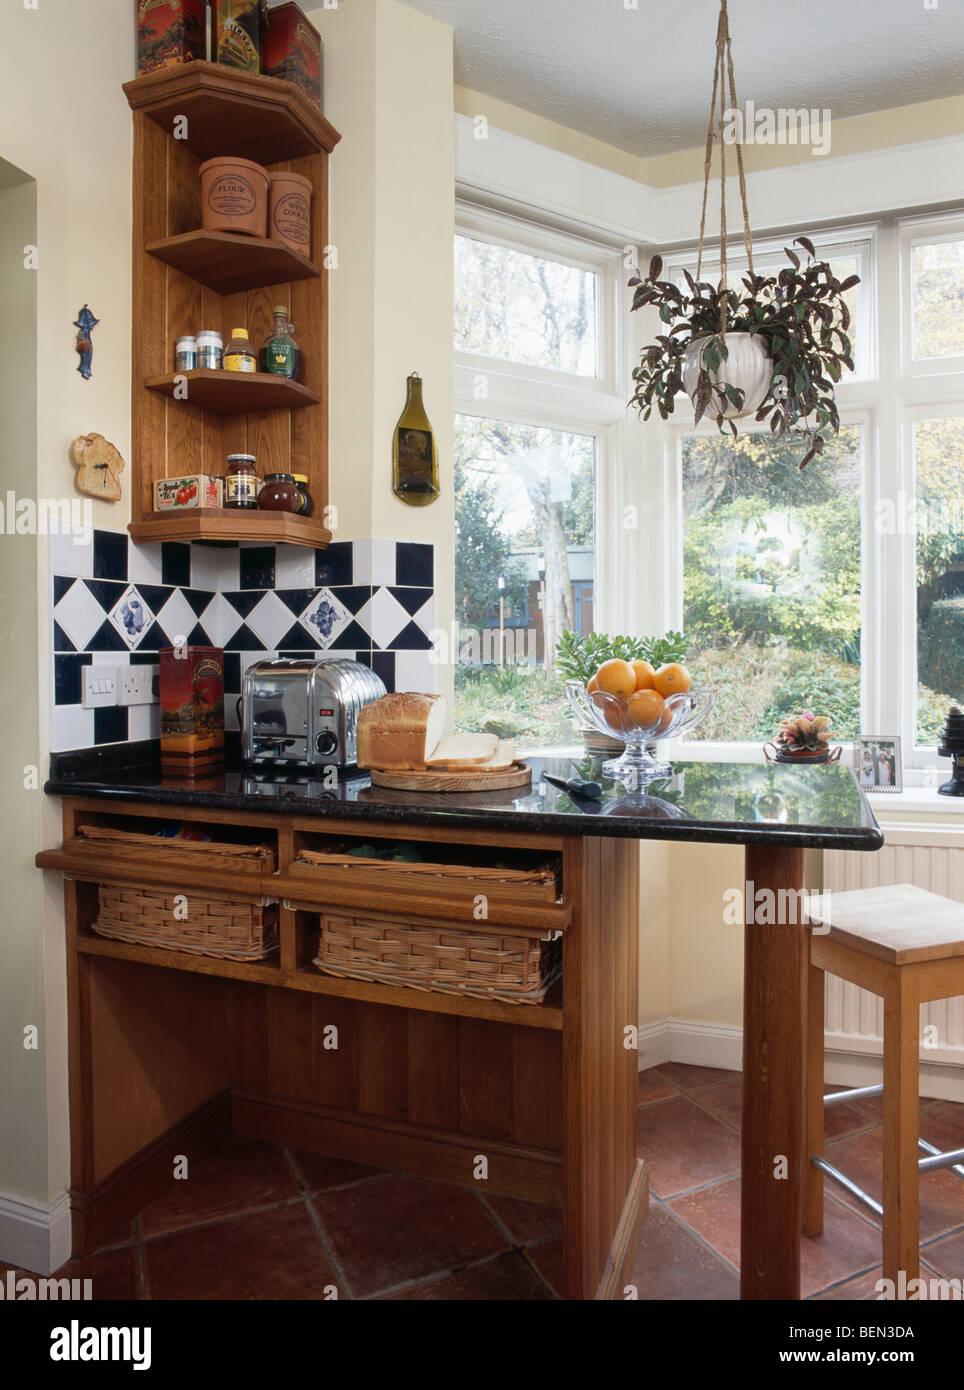 Petite tag re en bois recouvert de granit au dessus d 39 un comptoir petit d jeuner avec des - Petit plan de travail cuisine ...